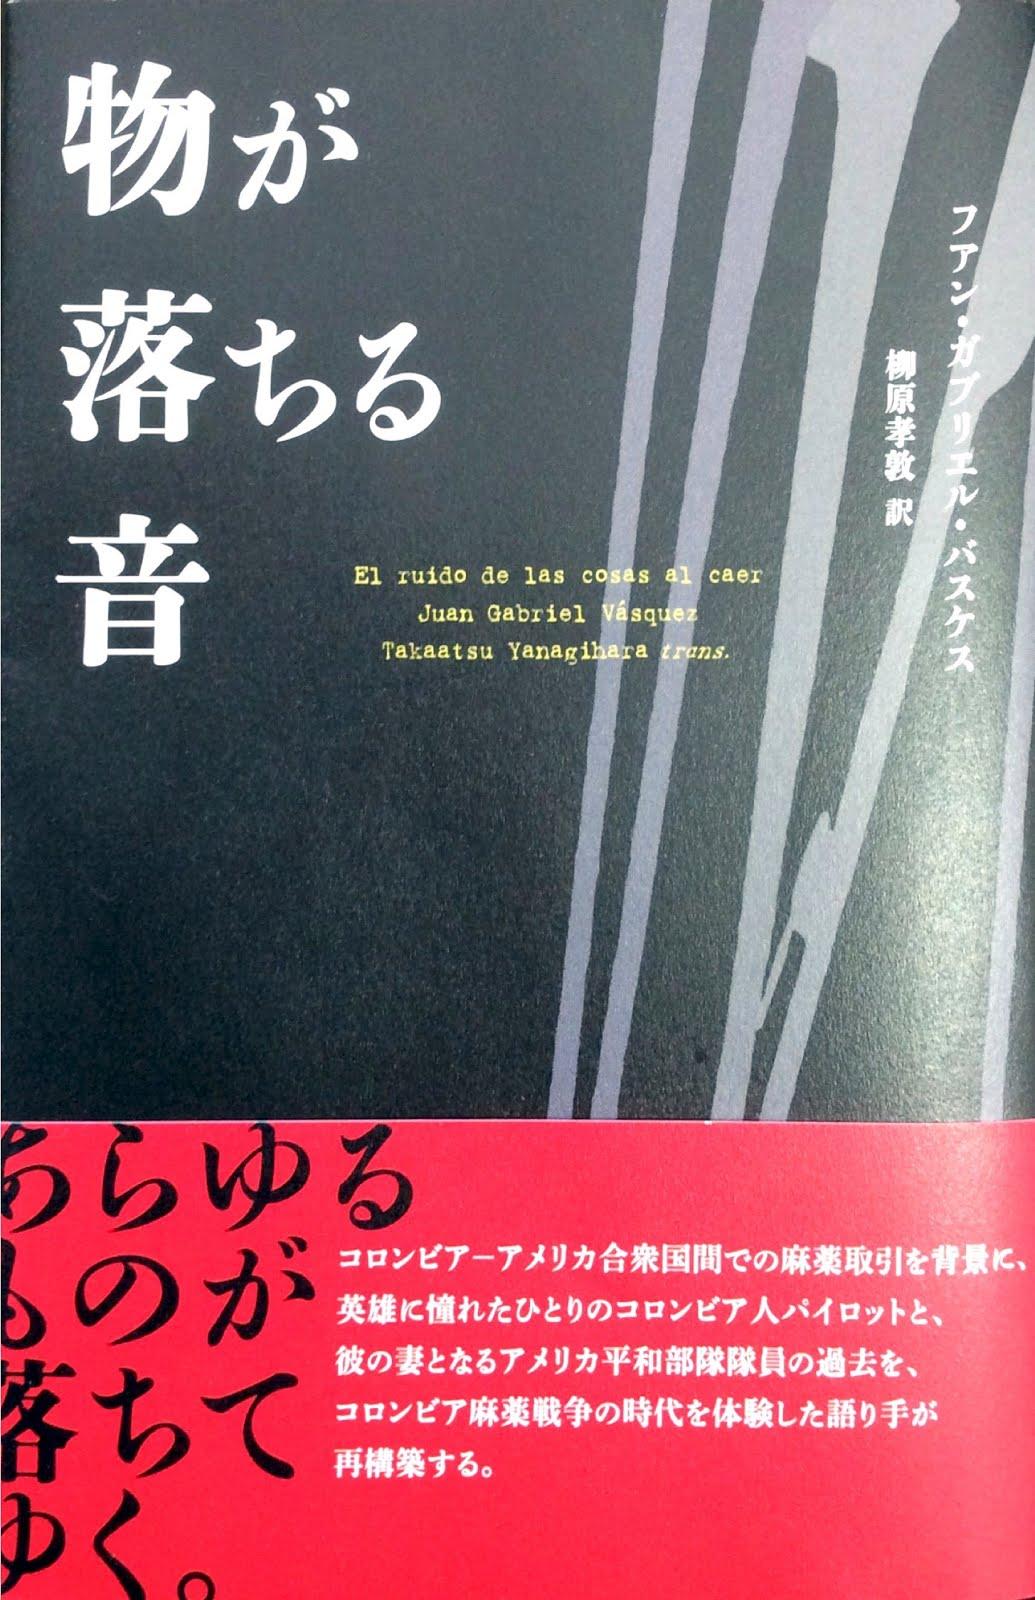 フアン・ガブリエル・バスケス『物が落ちる音』(松籟社、2016)